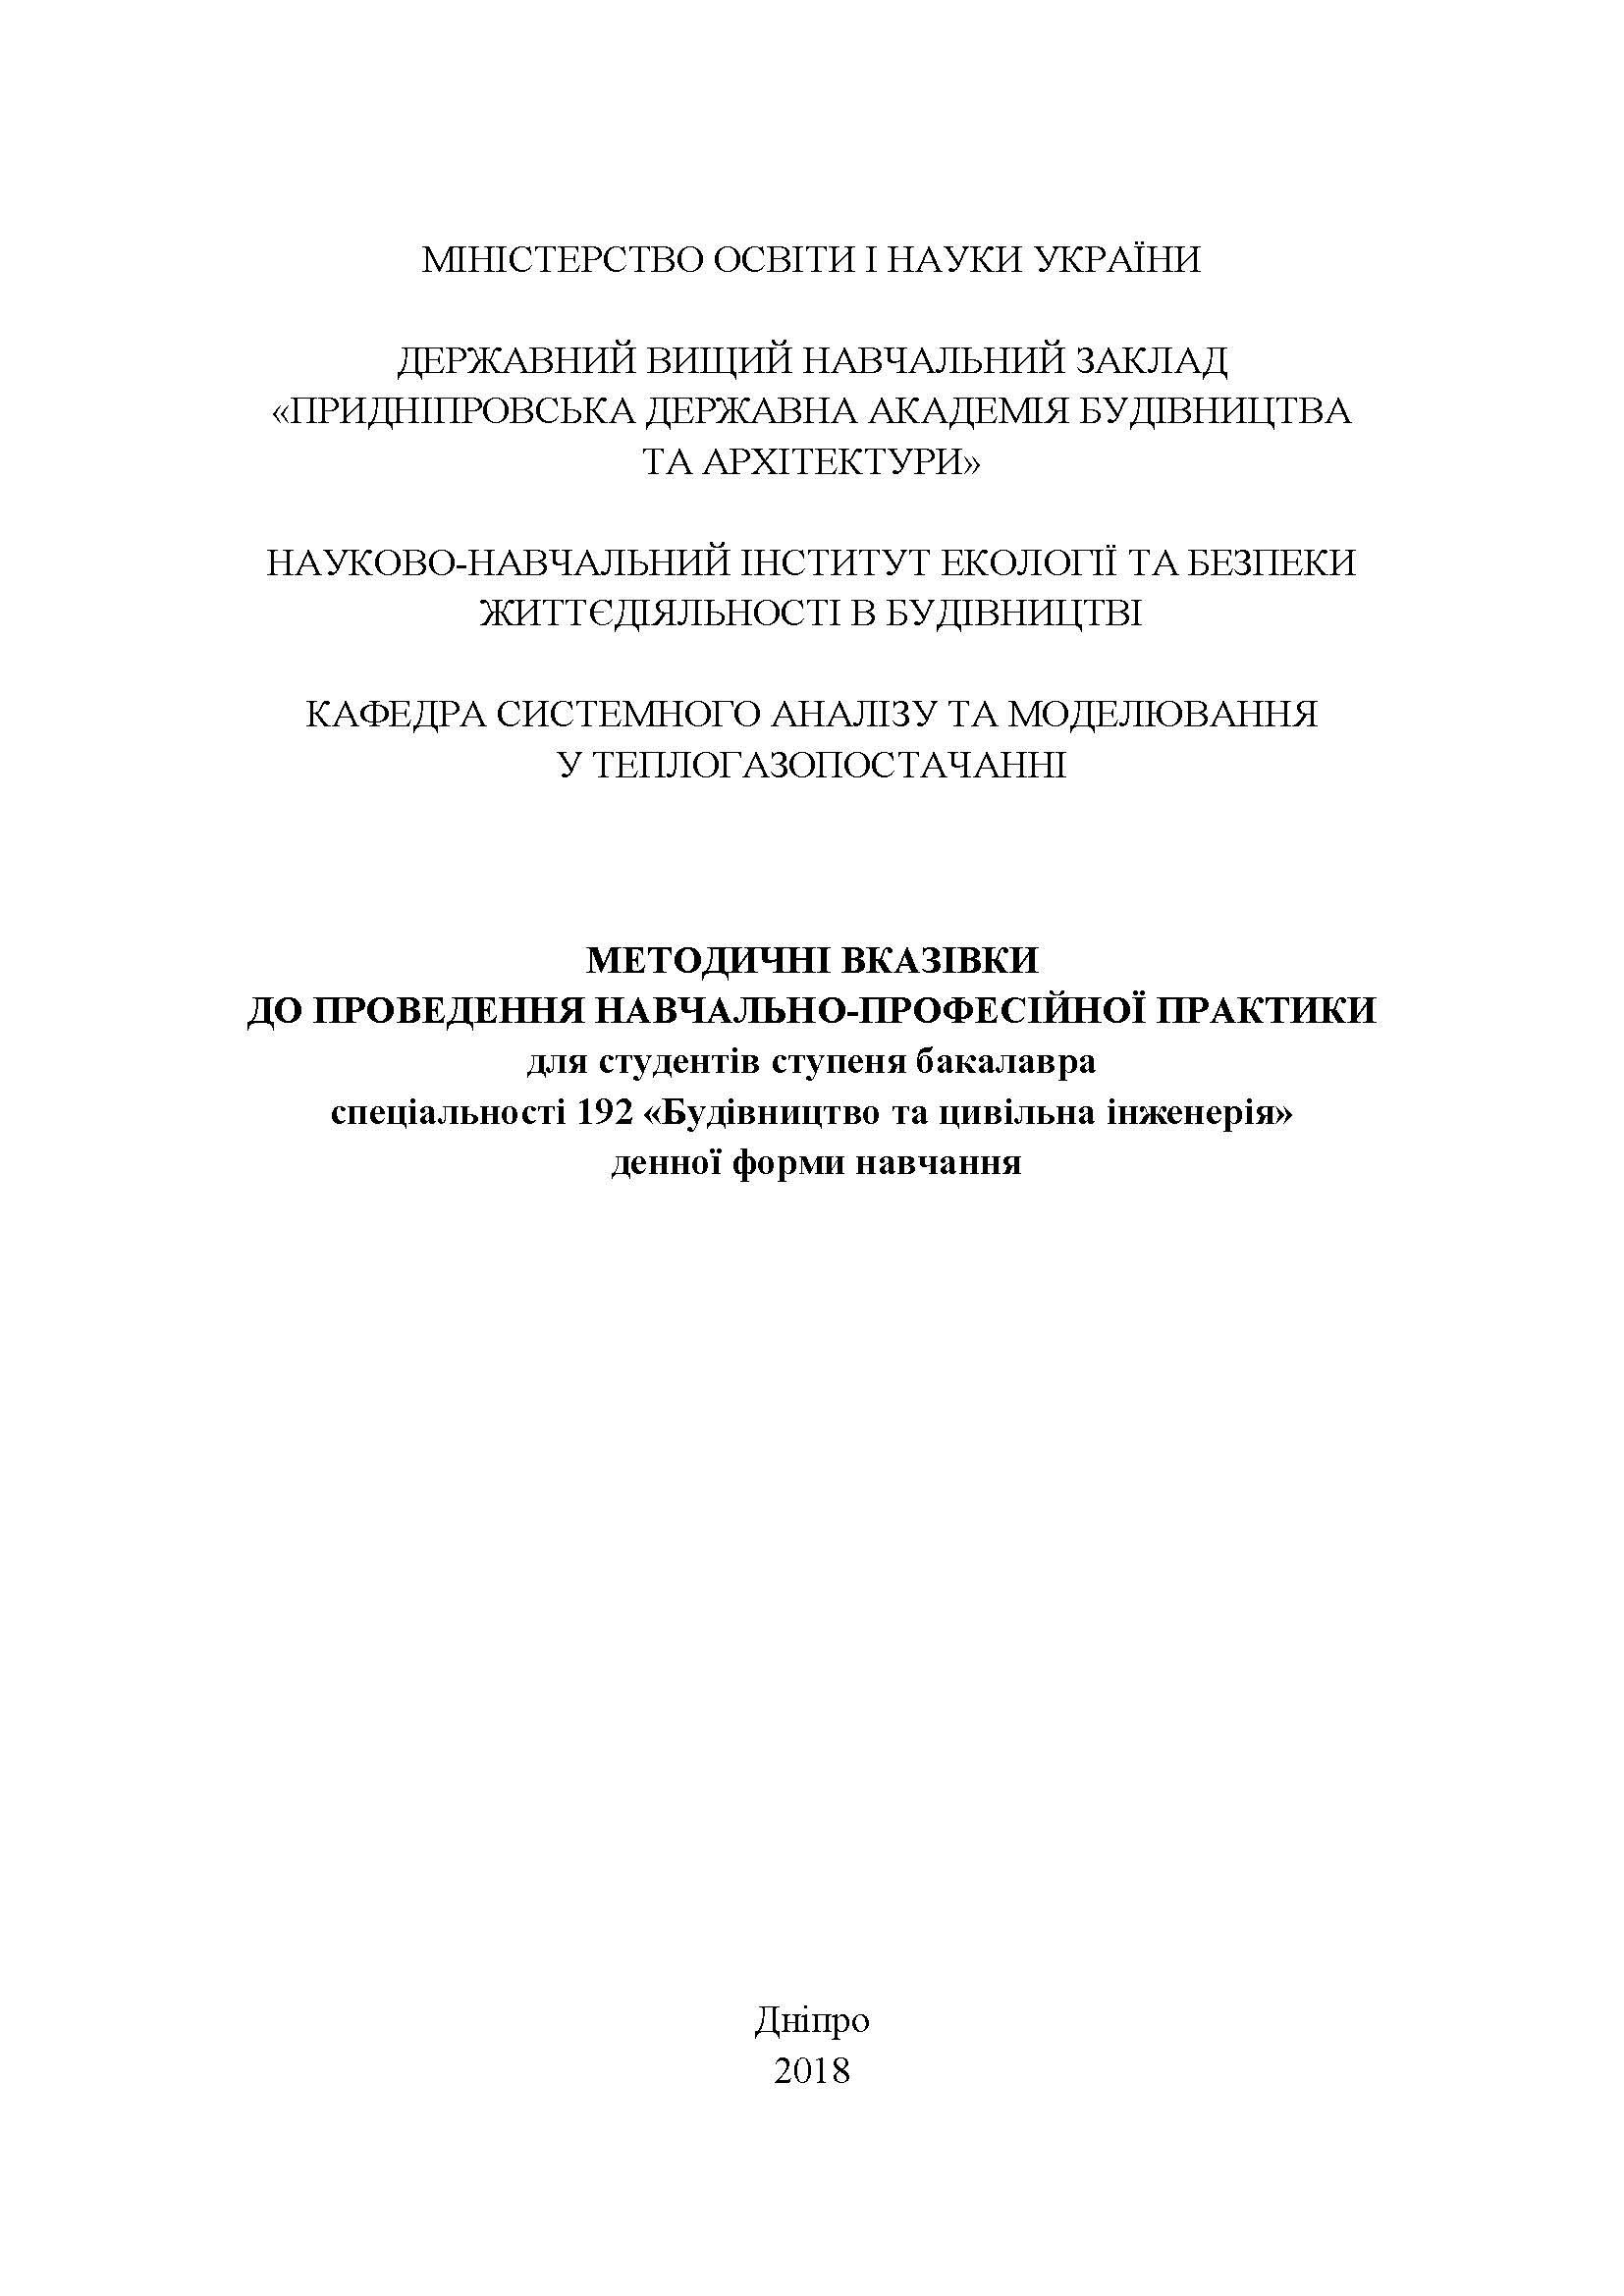 Методичні вказівки до проведення навчально-професійної практики для студентів ступеня бакалавра, 2018